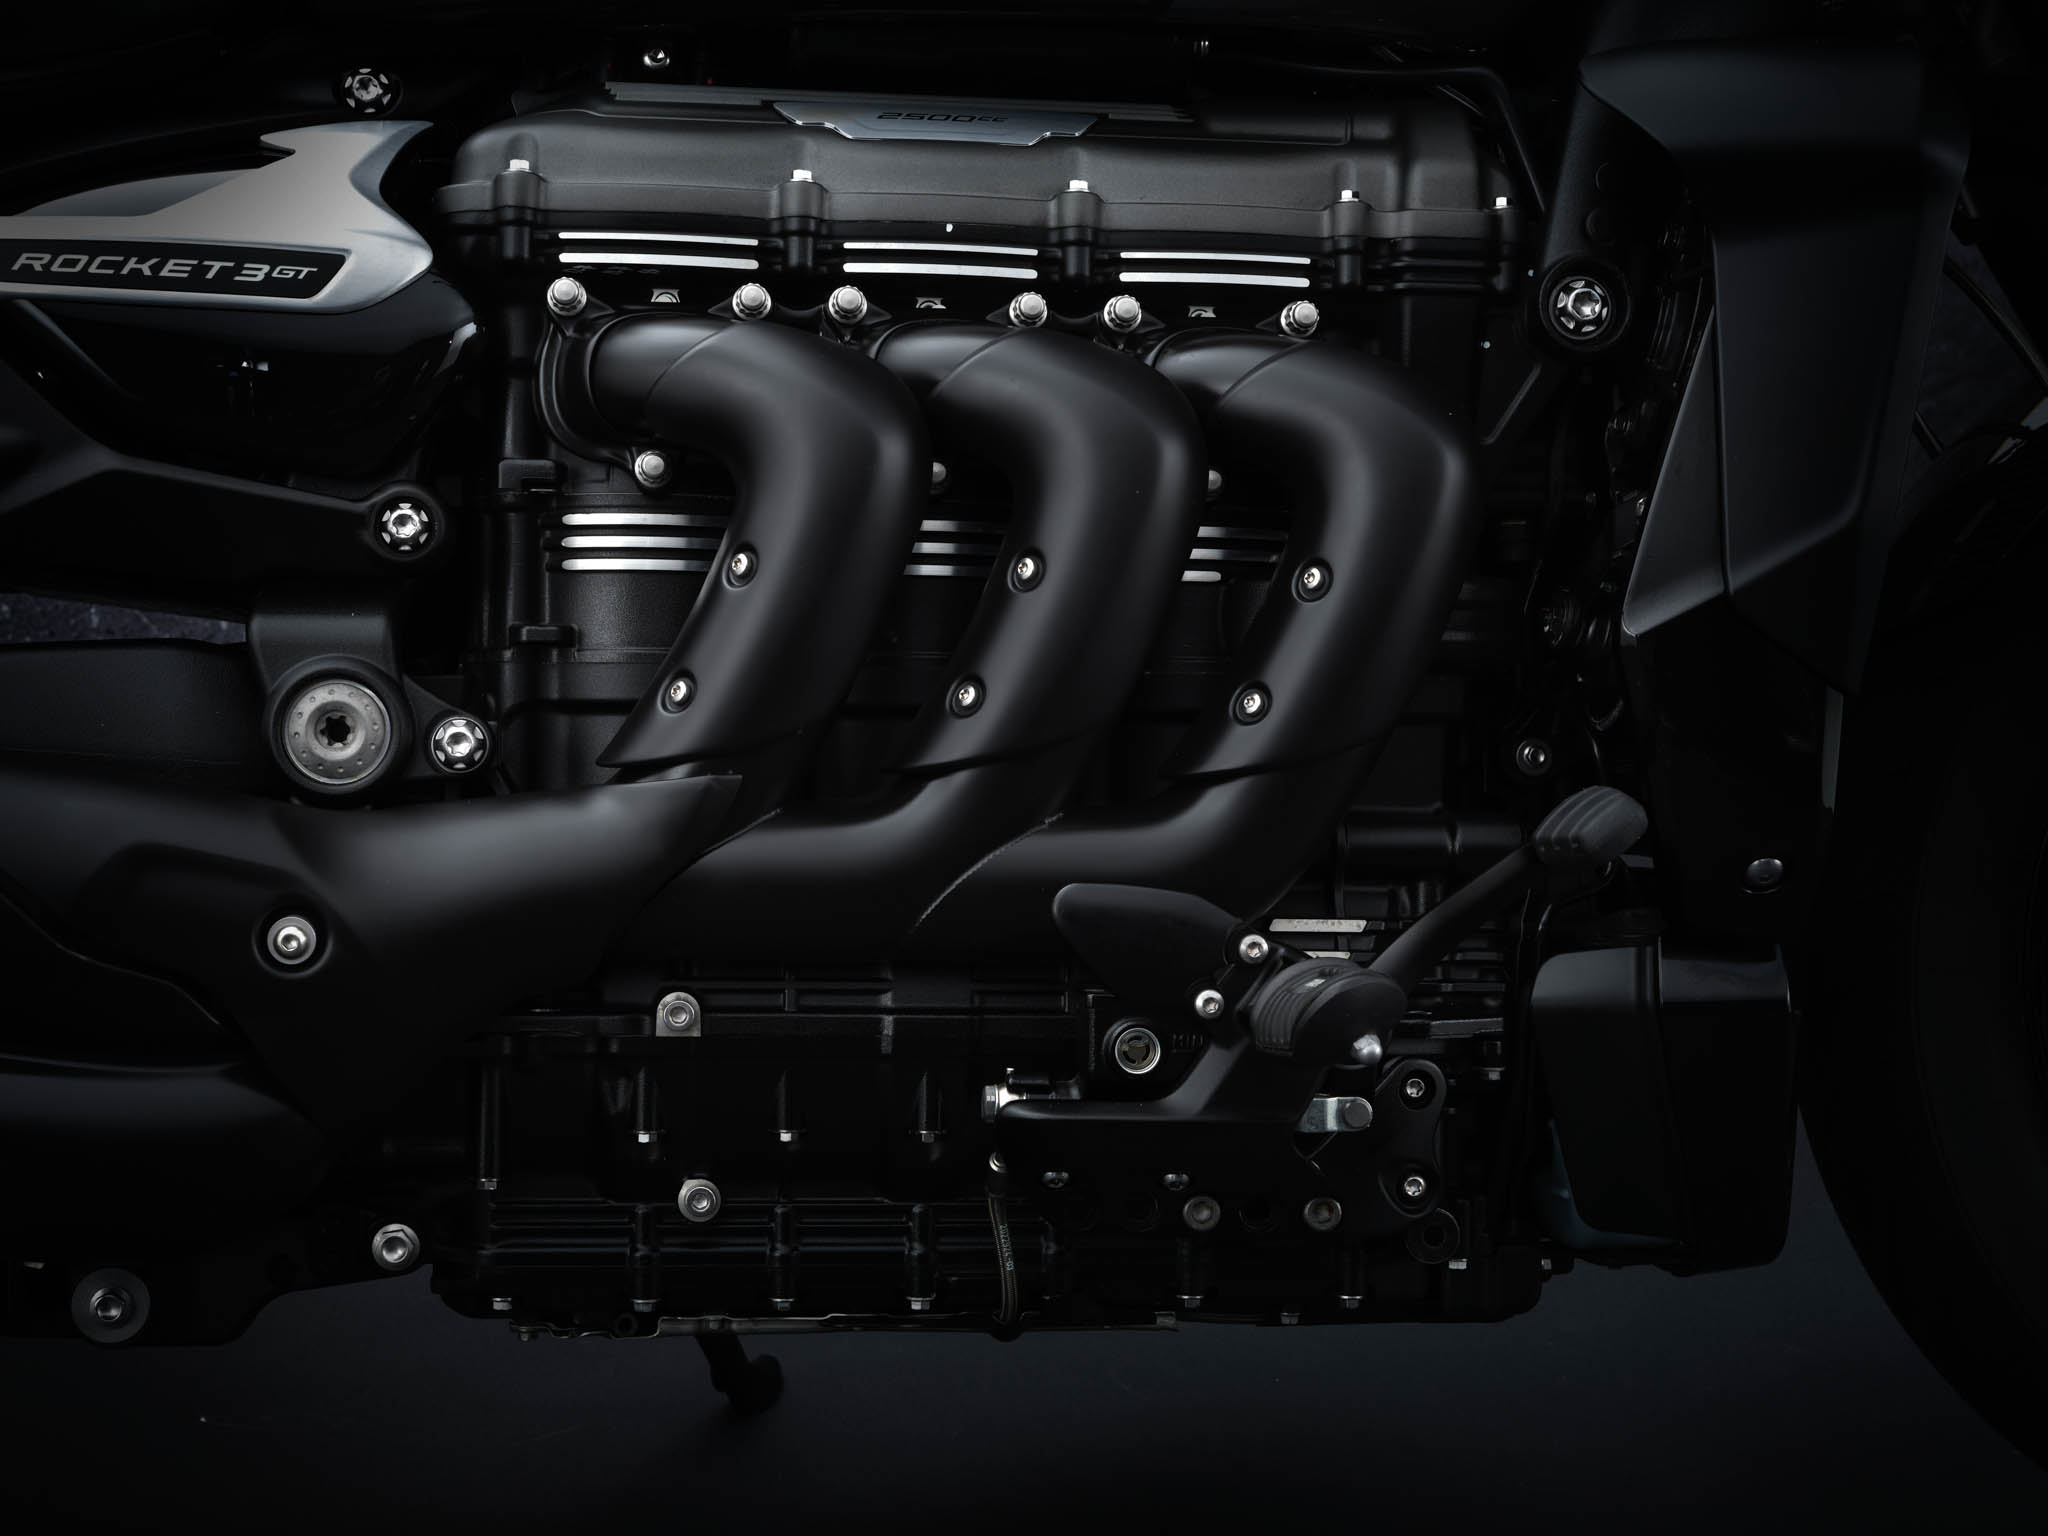 Triumph-Rocket-3-GT-Triple-Black-details-7